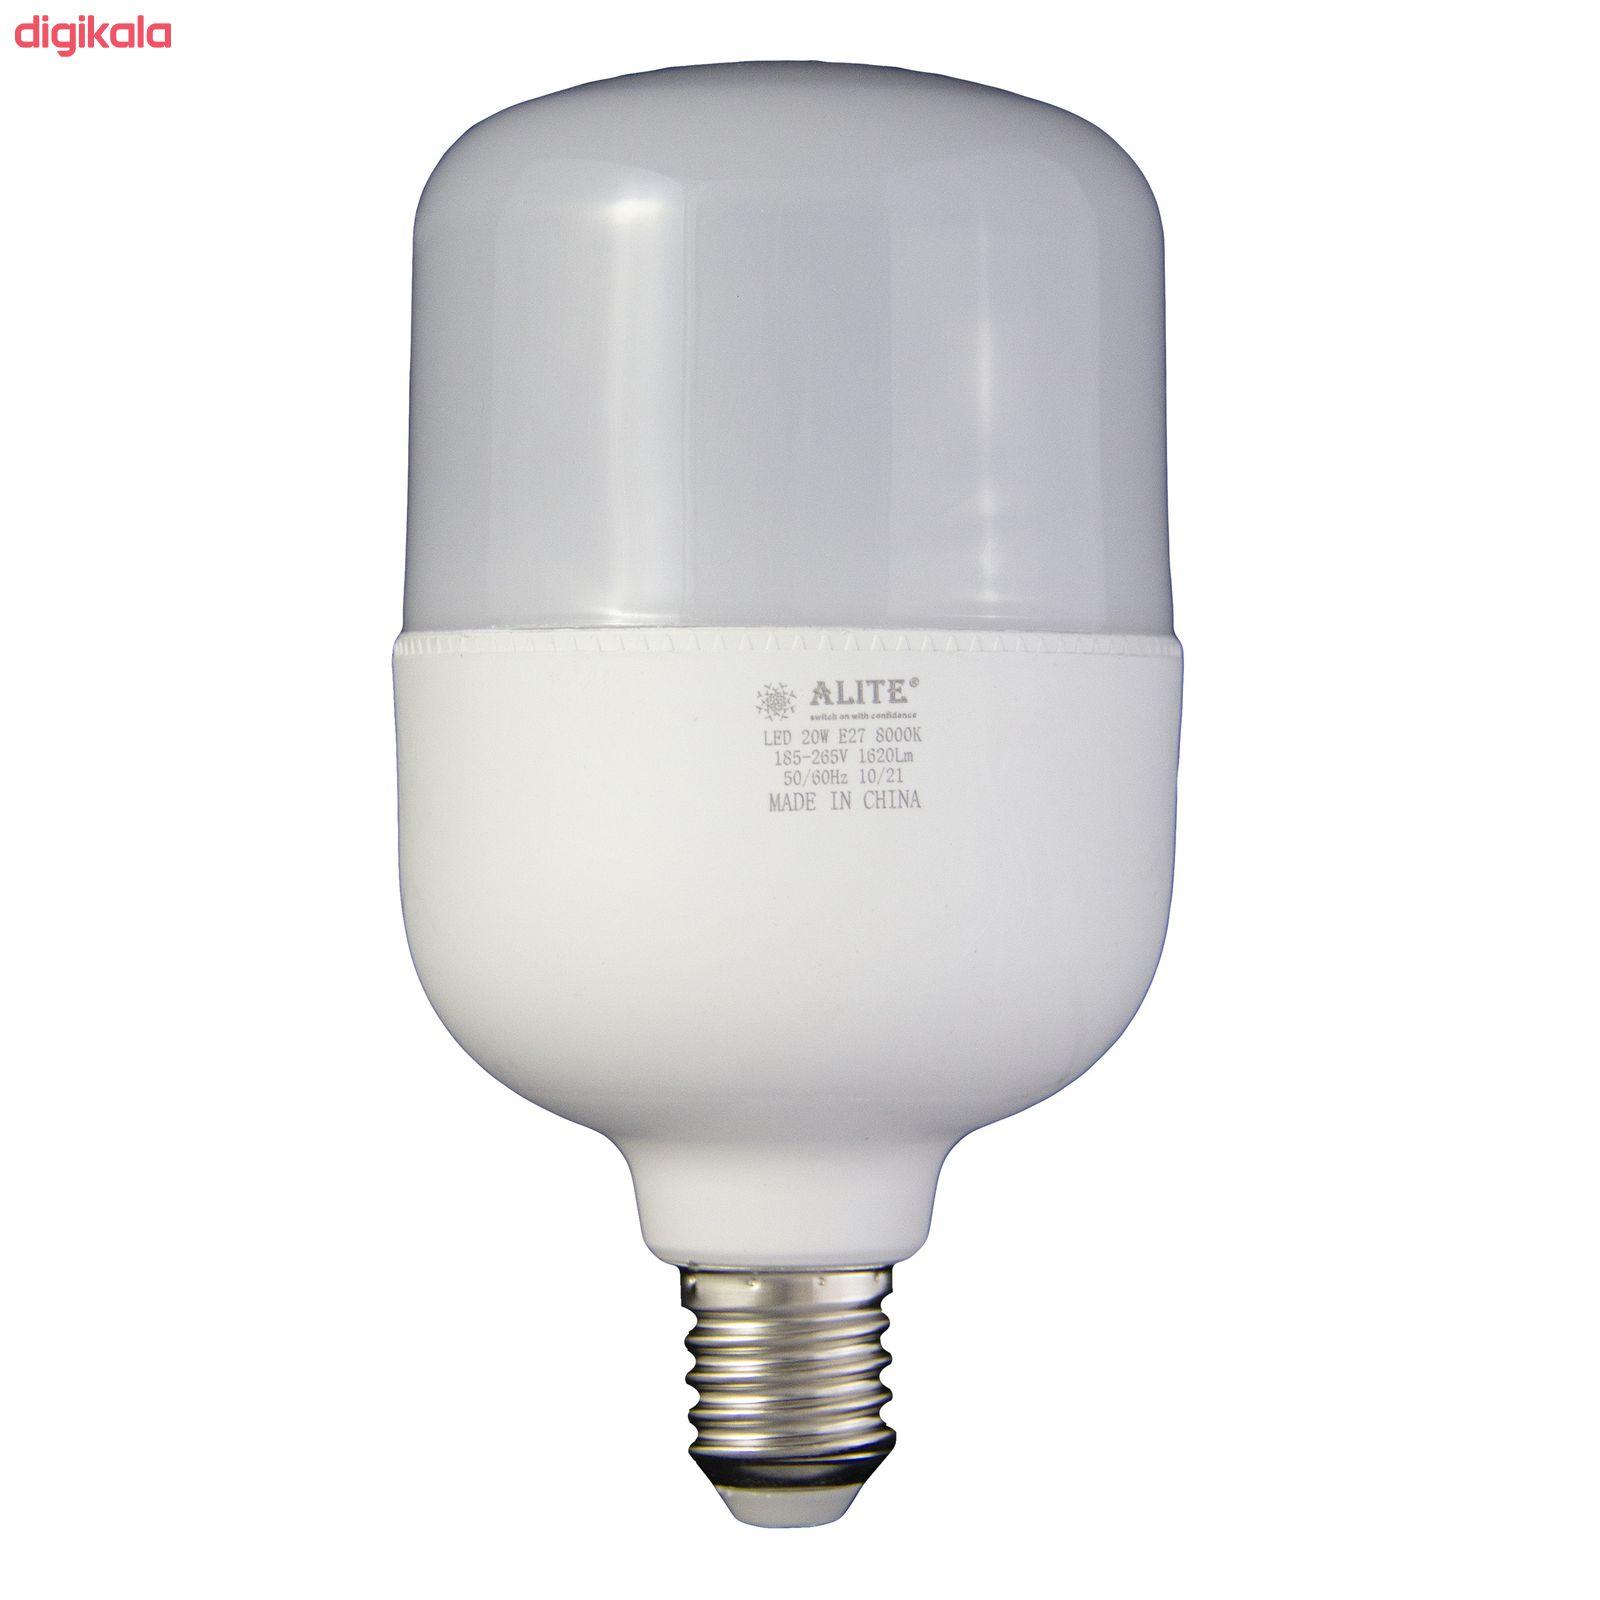 لامپ ال ای دی 20 وات الیت مدل 120 پایه E27 بسته 6 عددی main 1 1